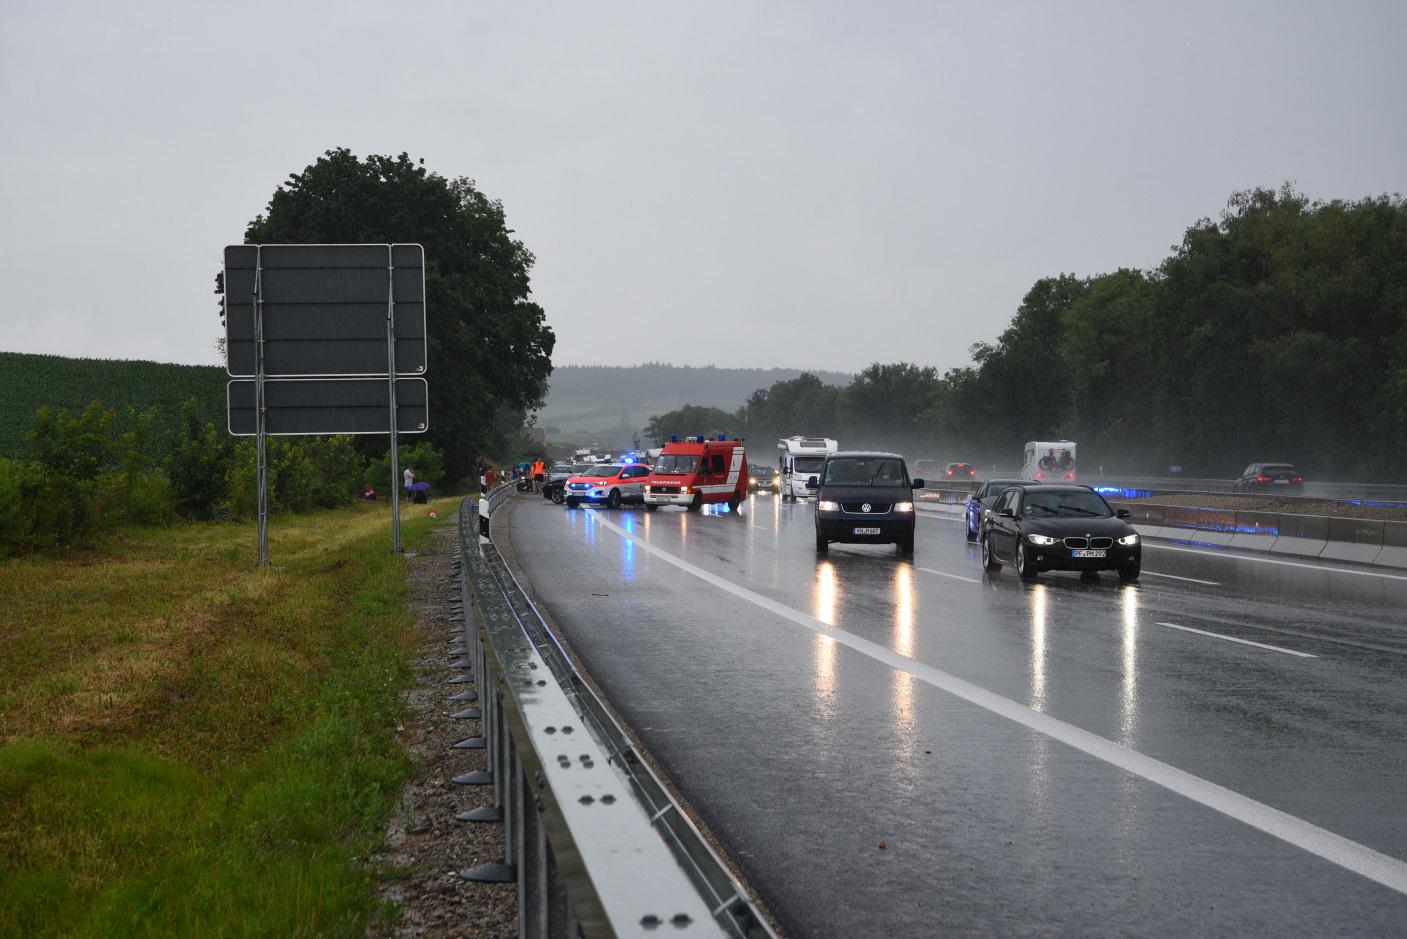 Sinsheim: Unfall mit mehreren beteiligten Fahrzeugen